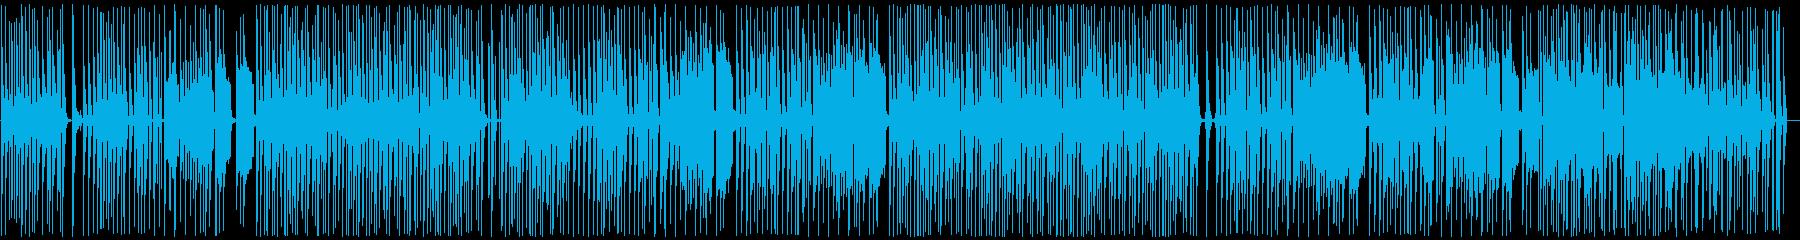 R&B レトロ さわやかな 淡々 ...の再生済みの波形